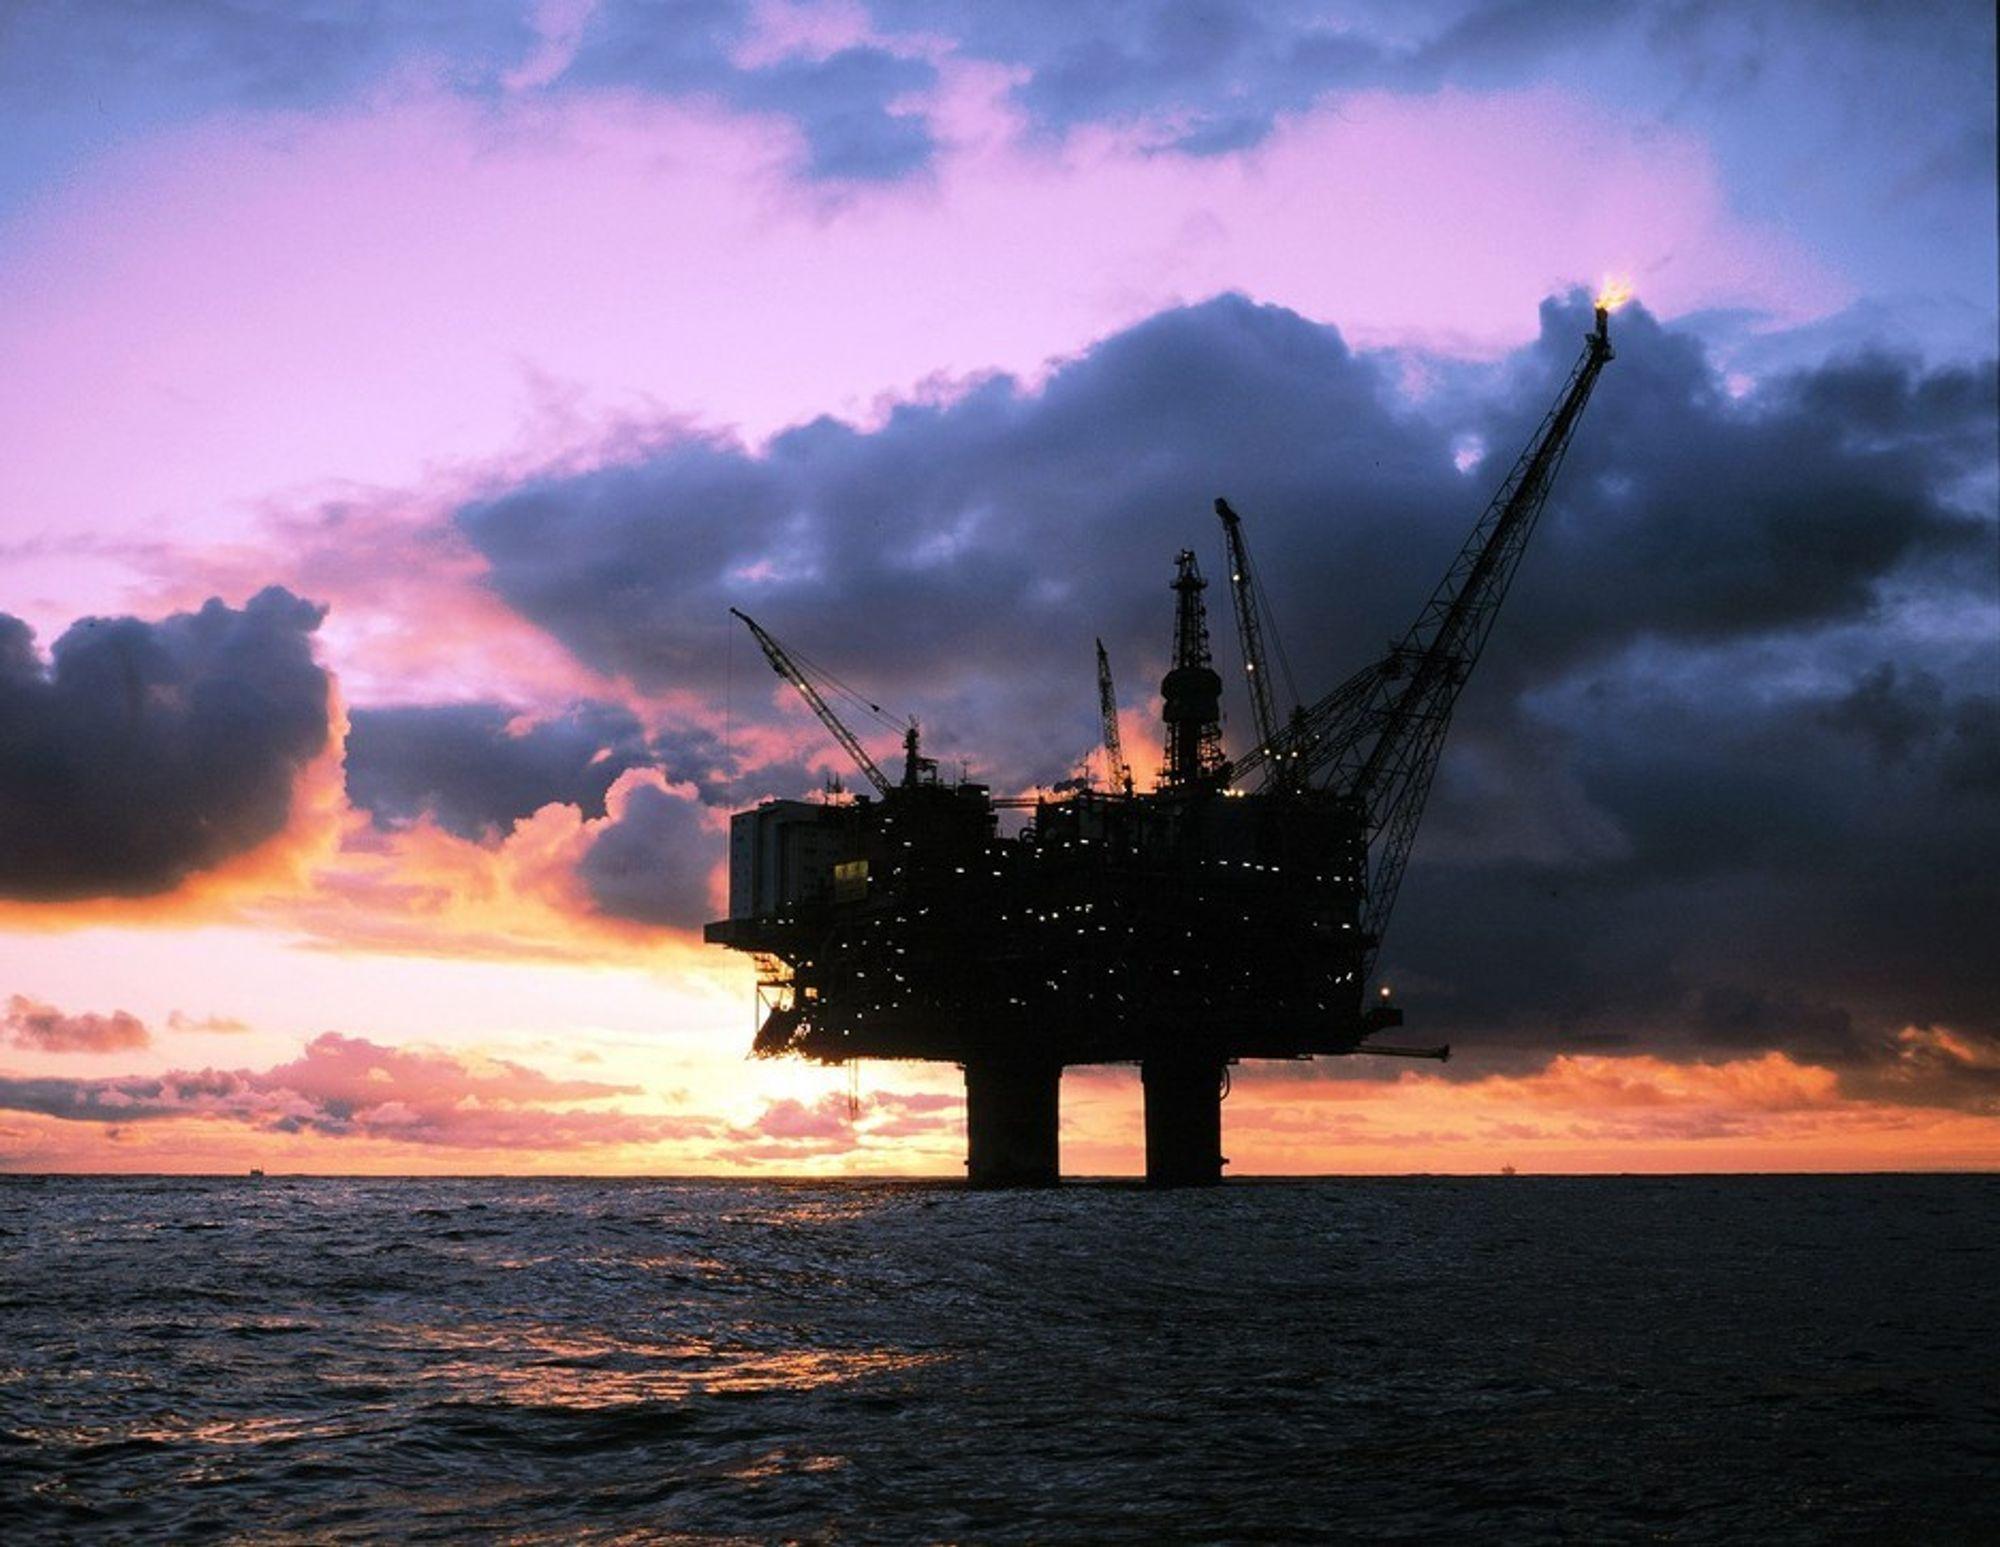 OLJENS FRAMTID: Det internasjonale energibyrået og andre energieksperter mener at all den lettvinte oljen er funnet. Nupi søkte om å få finne ut mer om hva følgene blir av en eventuell produksjonstopp for olje, peak oil, men fikk avslag fra UDs Refleks-program.